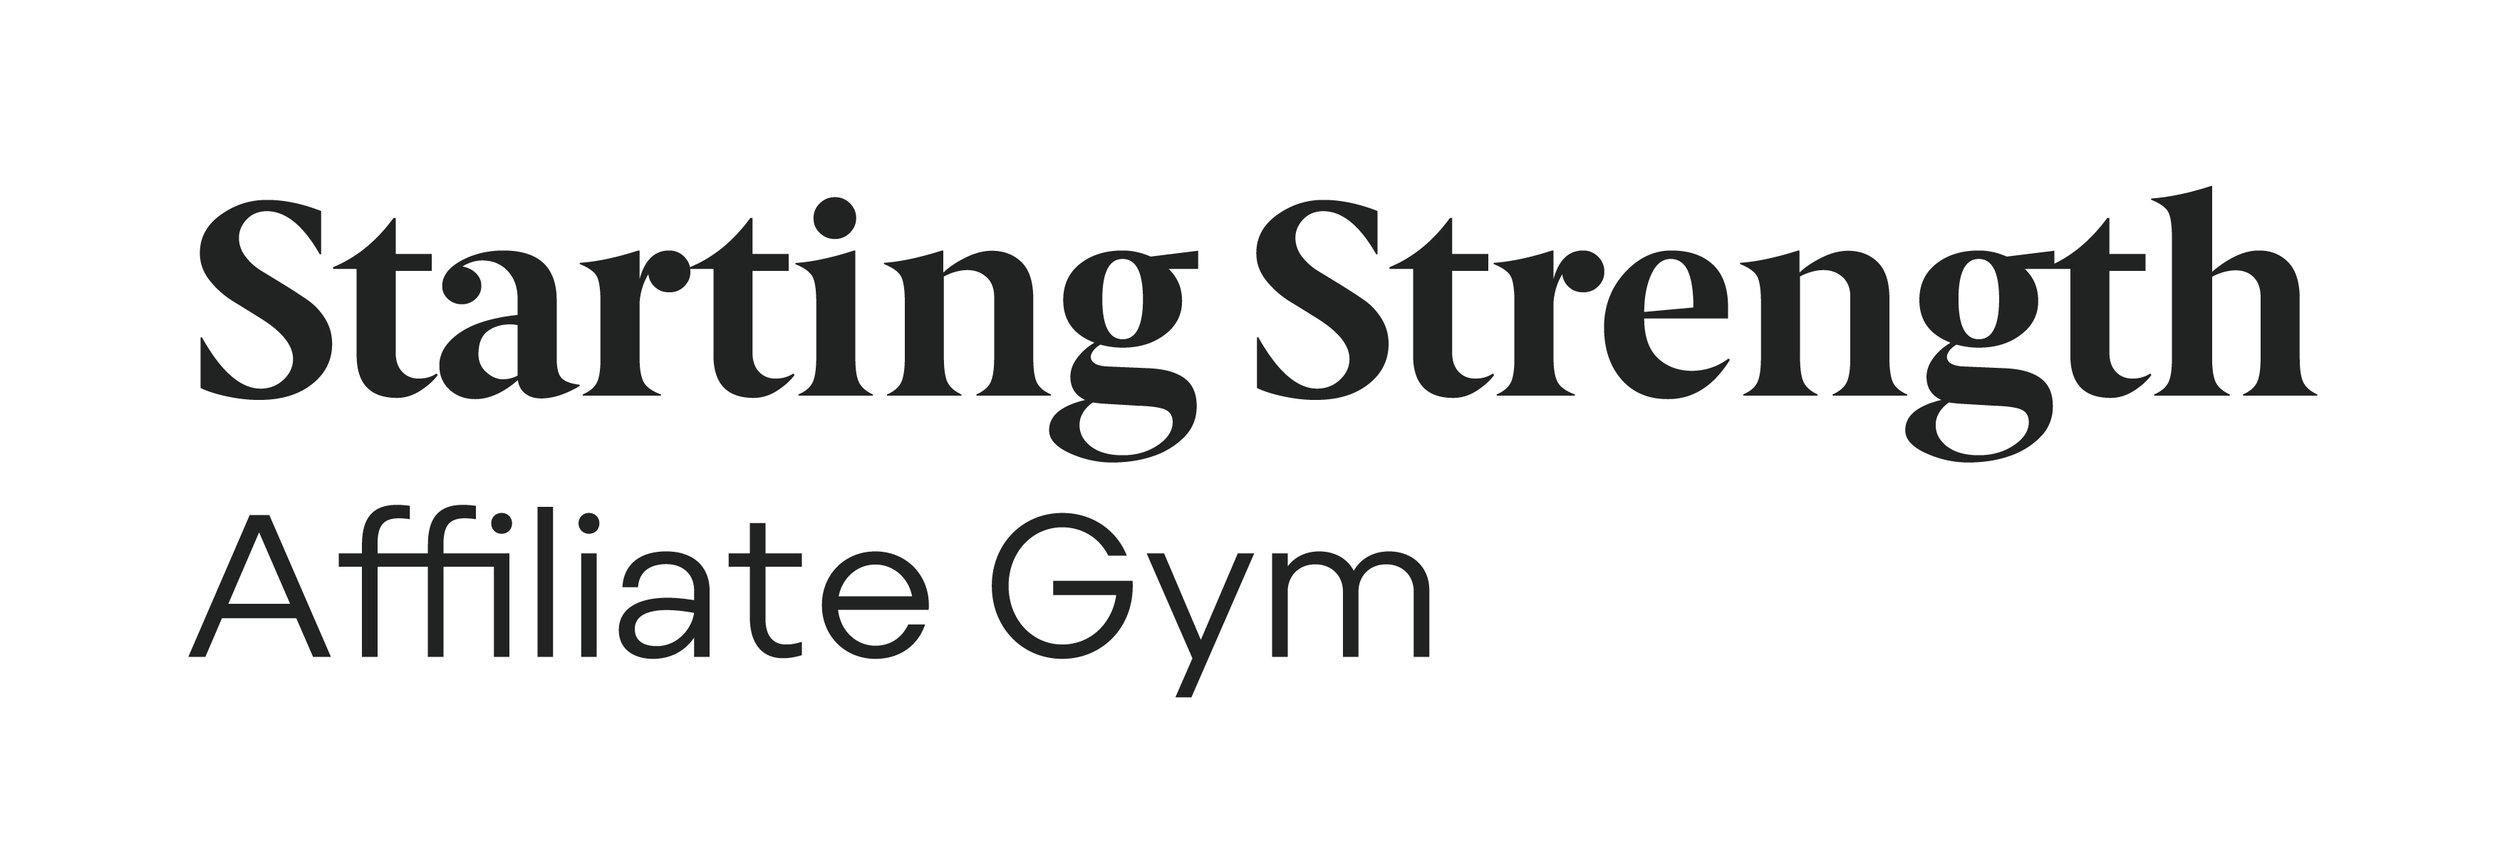 SS Affiliate Gym Secondary.jpg